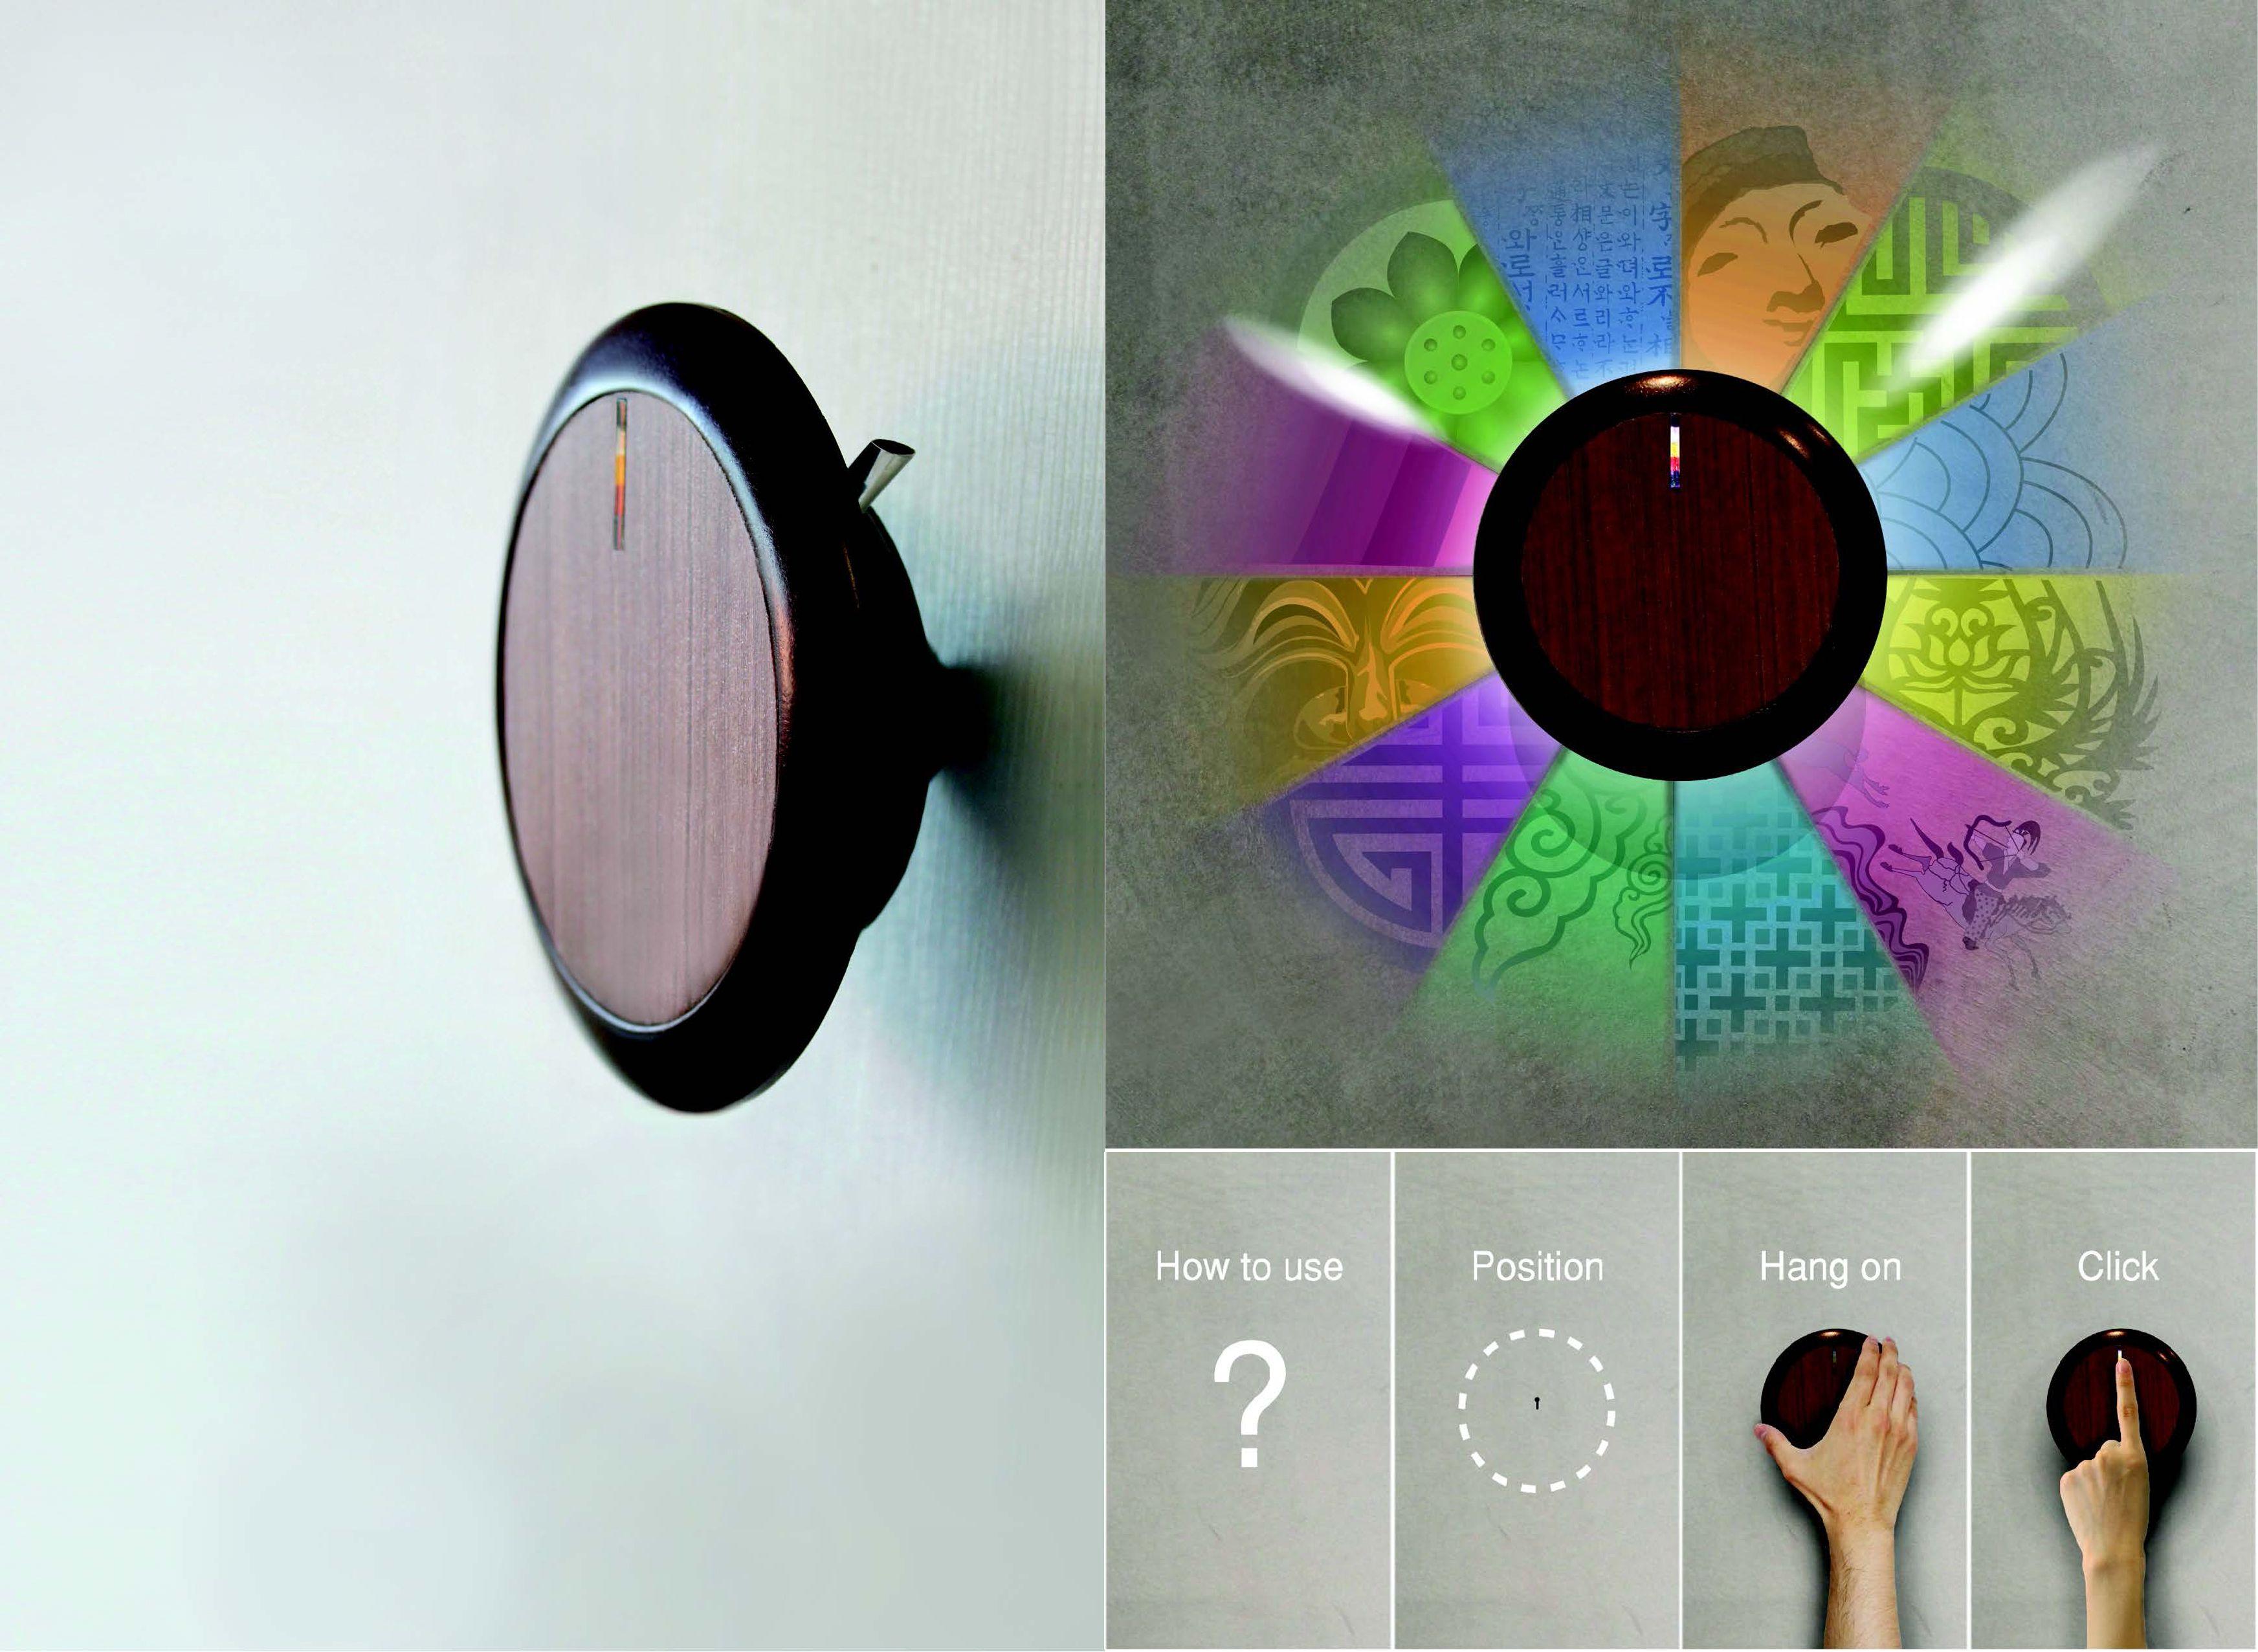 이현우 │ 서지연 │ 이부임 │ 김민정 │ Light of the history │2011 GRADUATION WORK │ Dept. of Product Design │ #hicoda │ hicoda.hongik.ac.kr